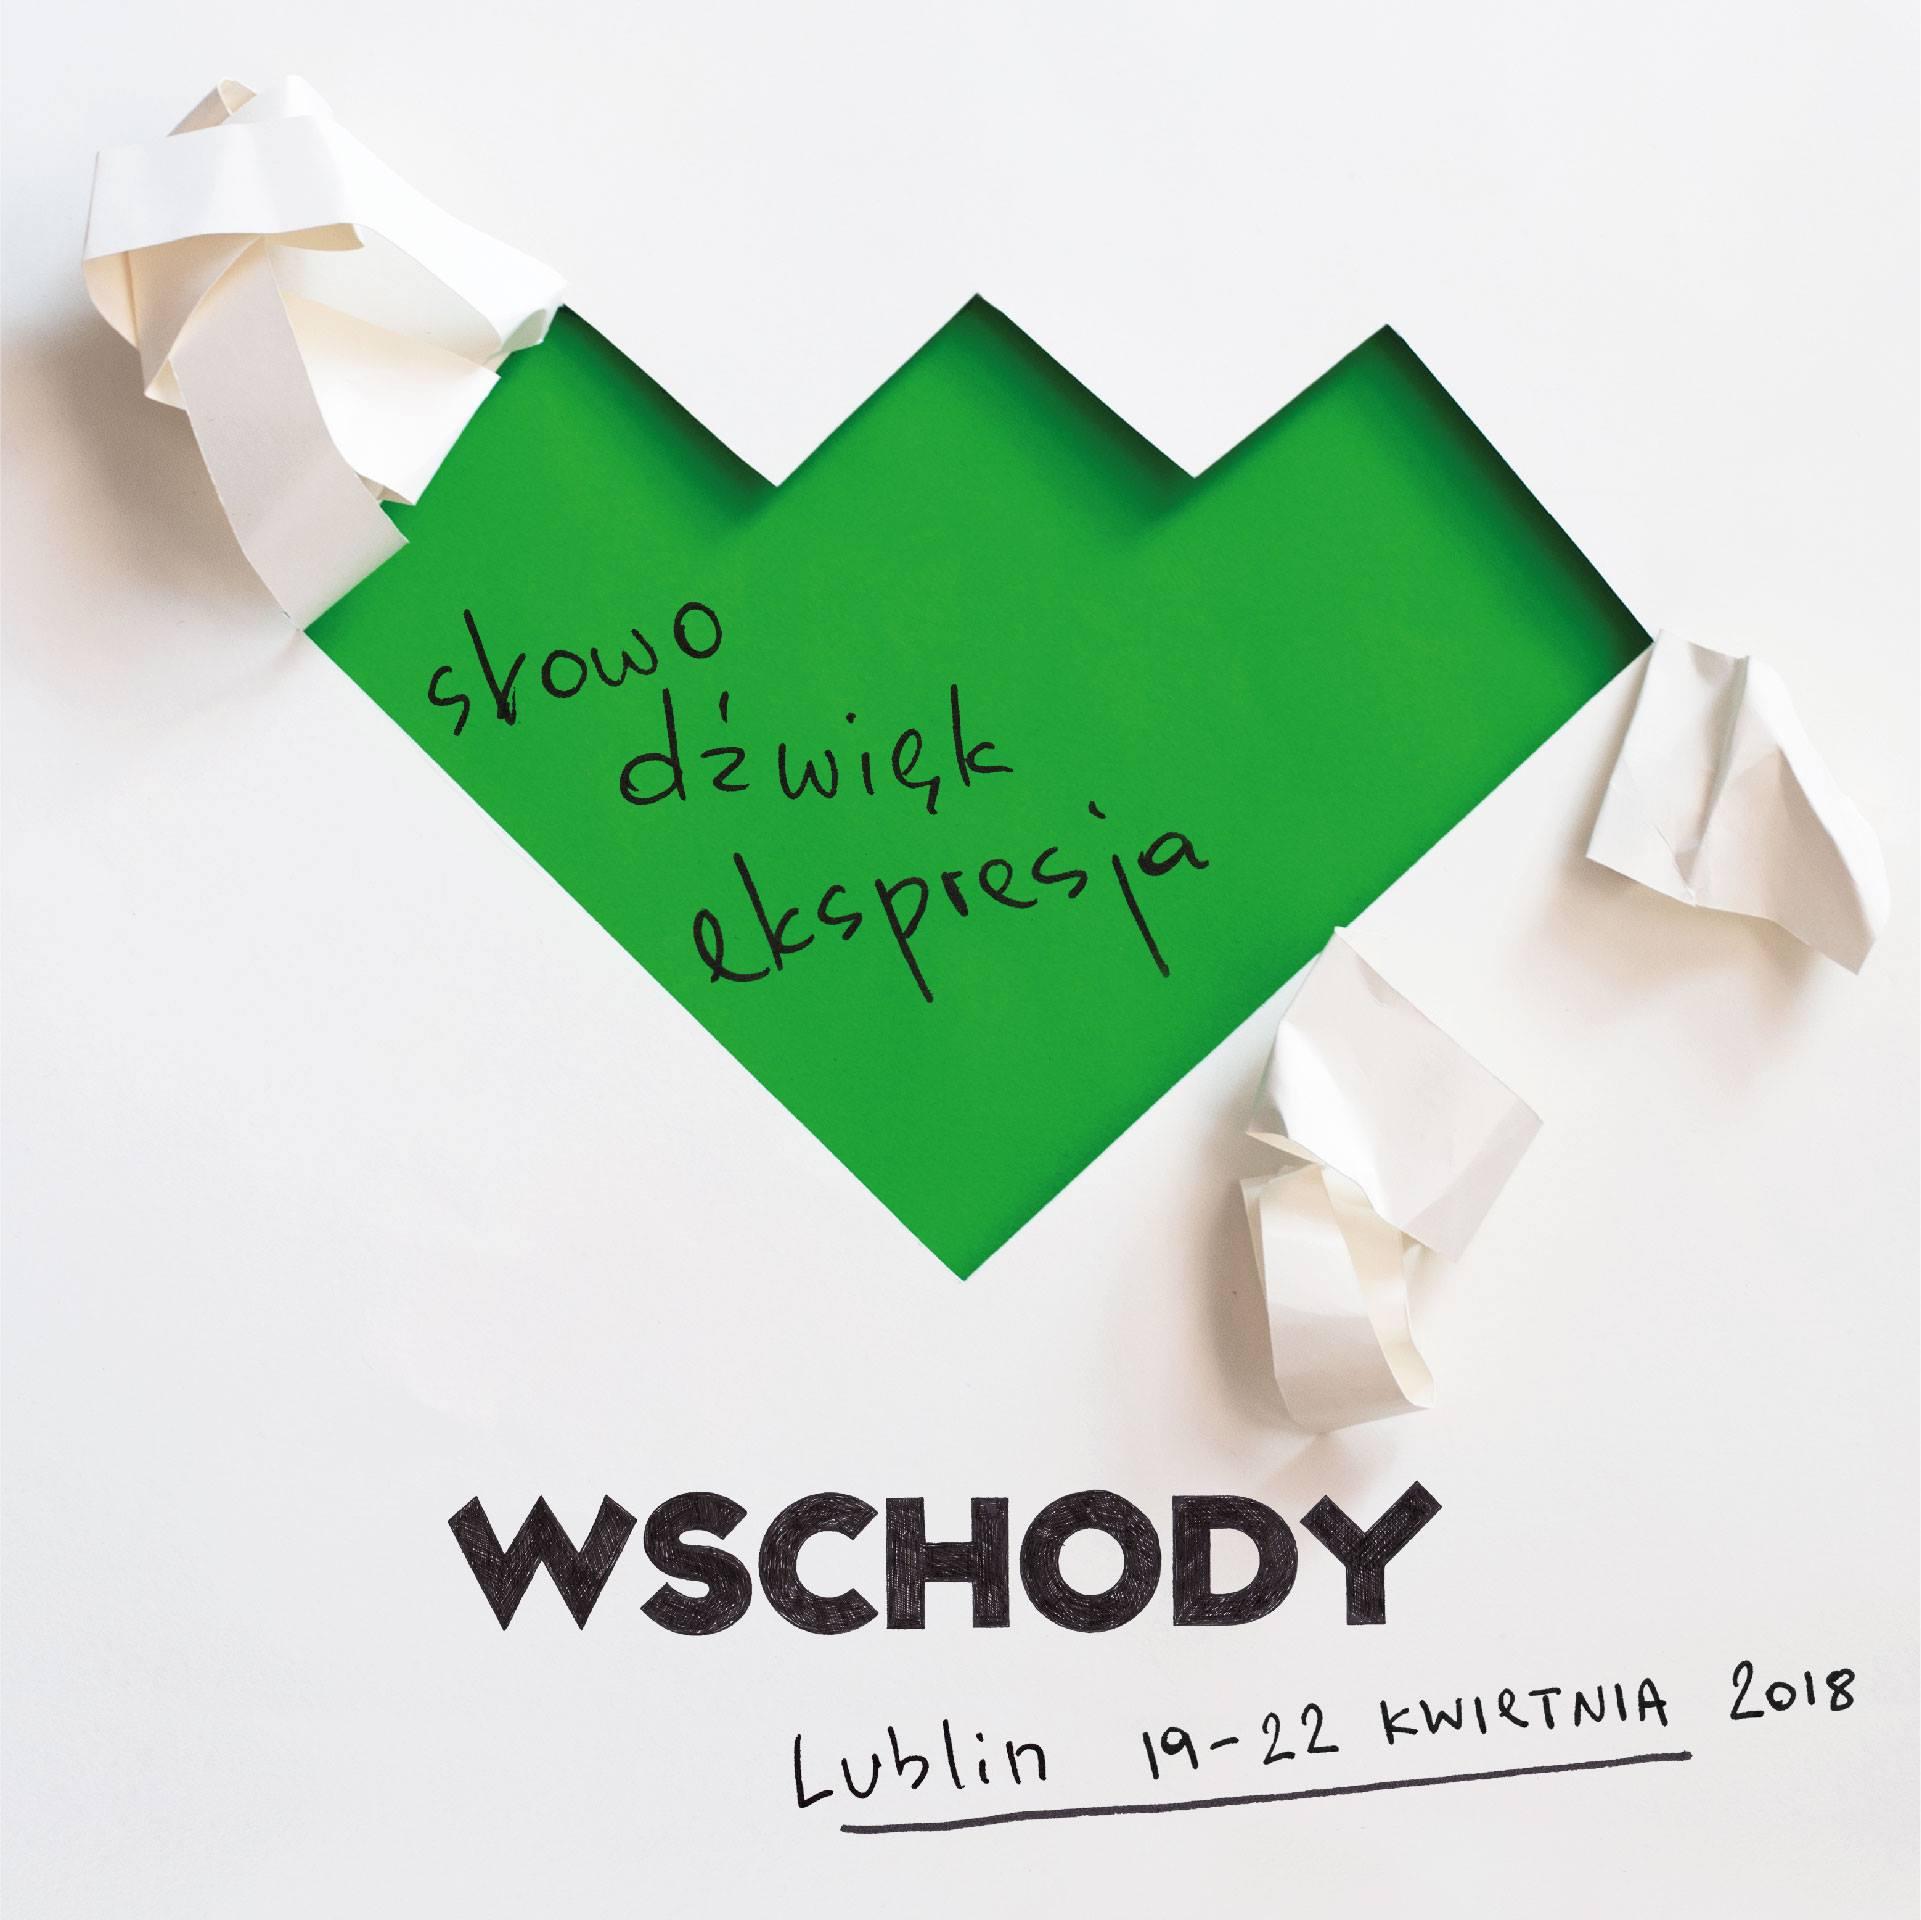 7. Festiwal Wschody